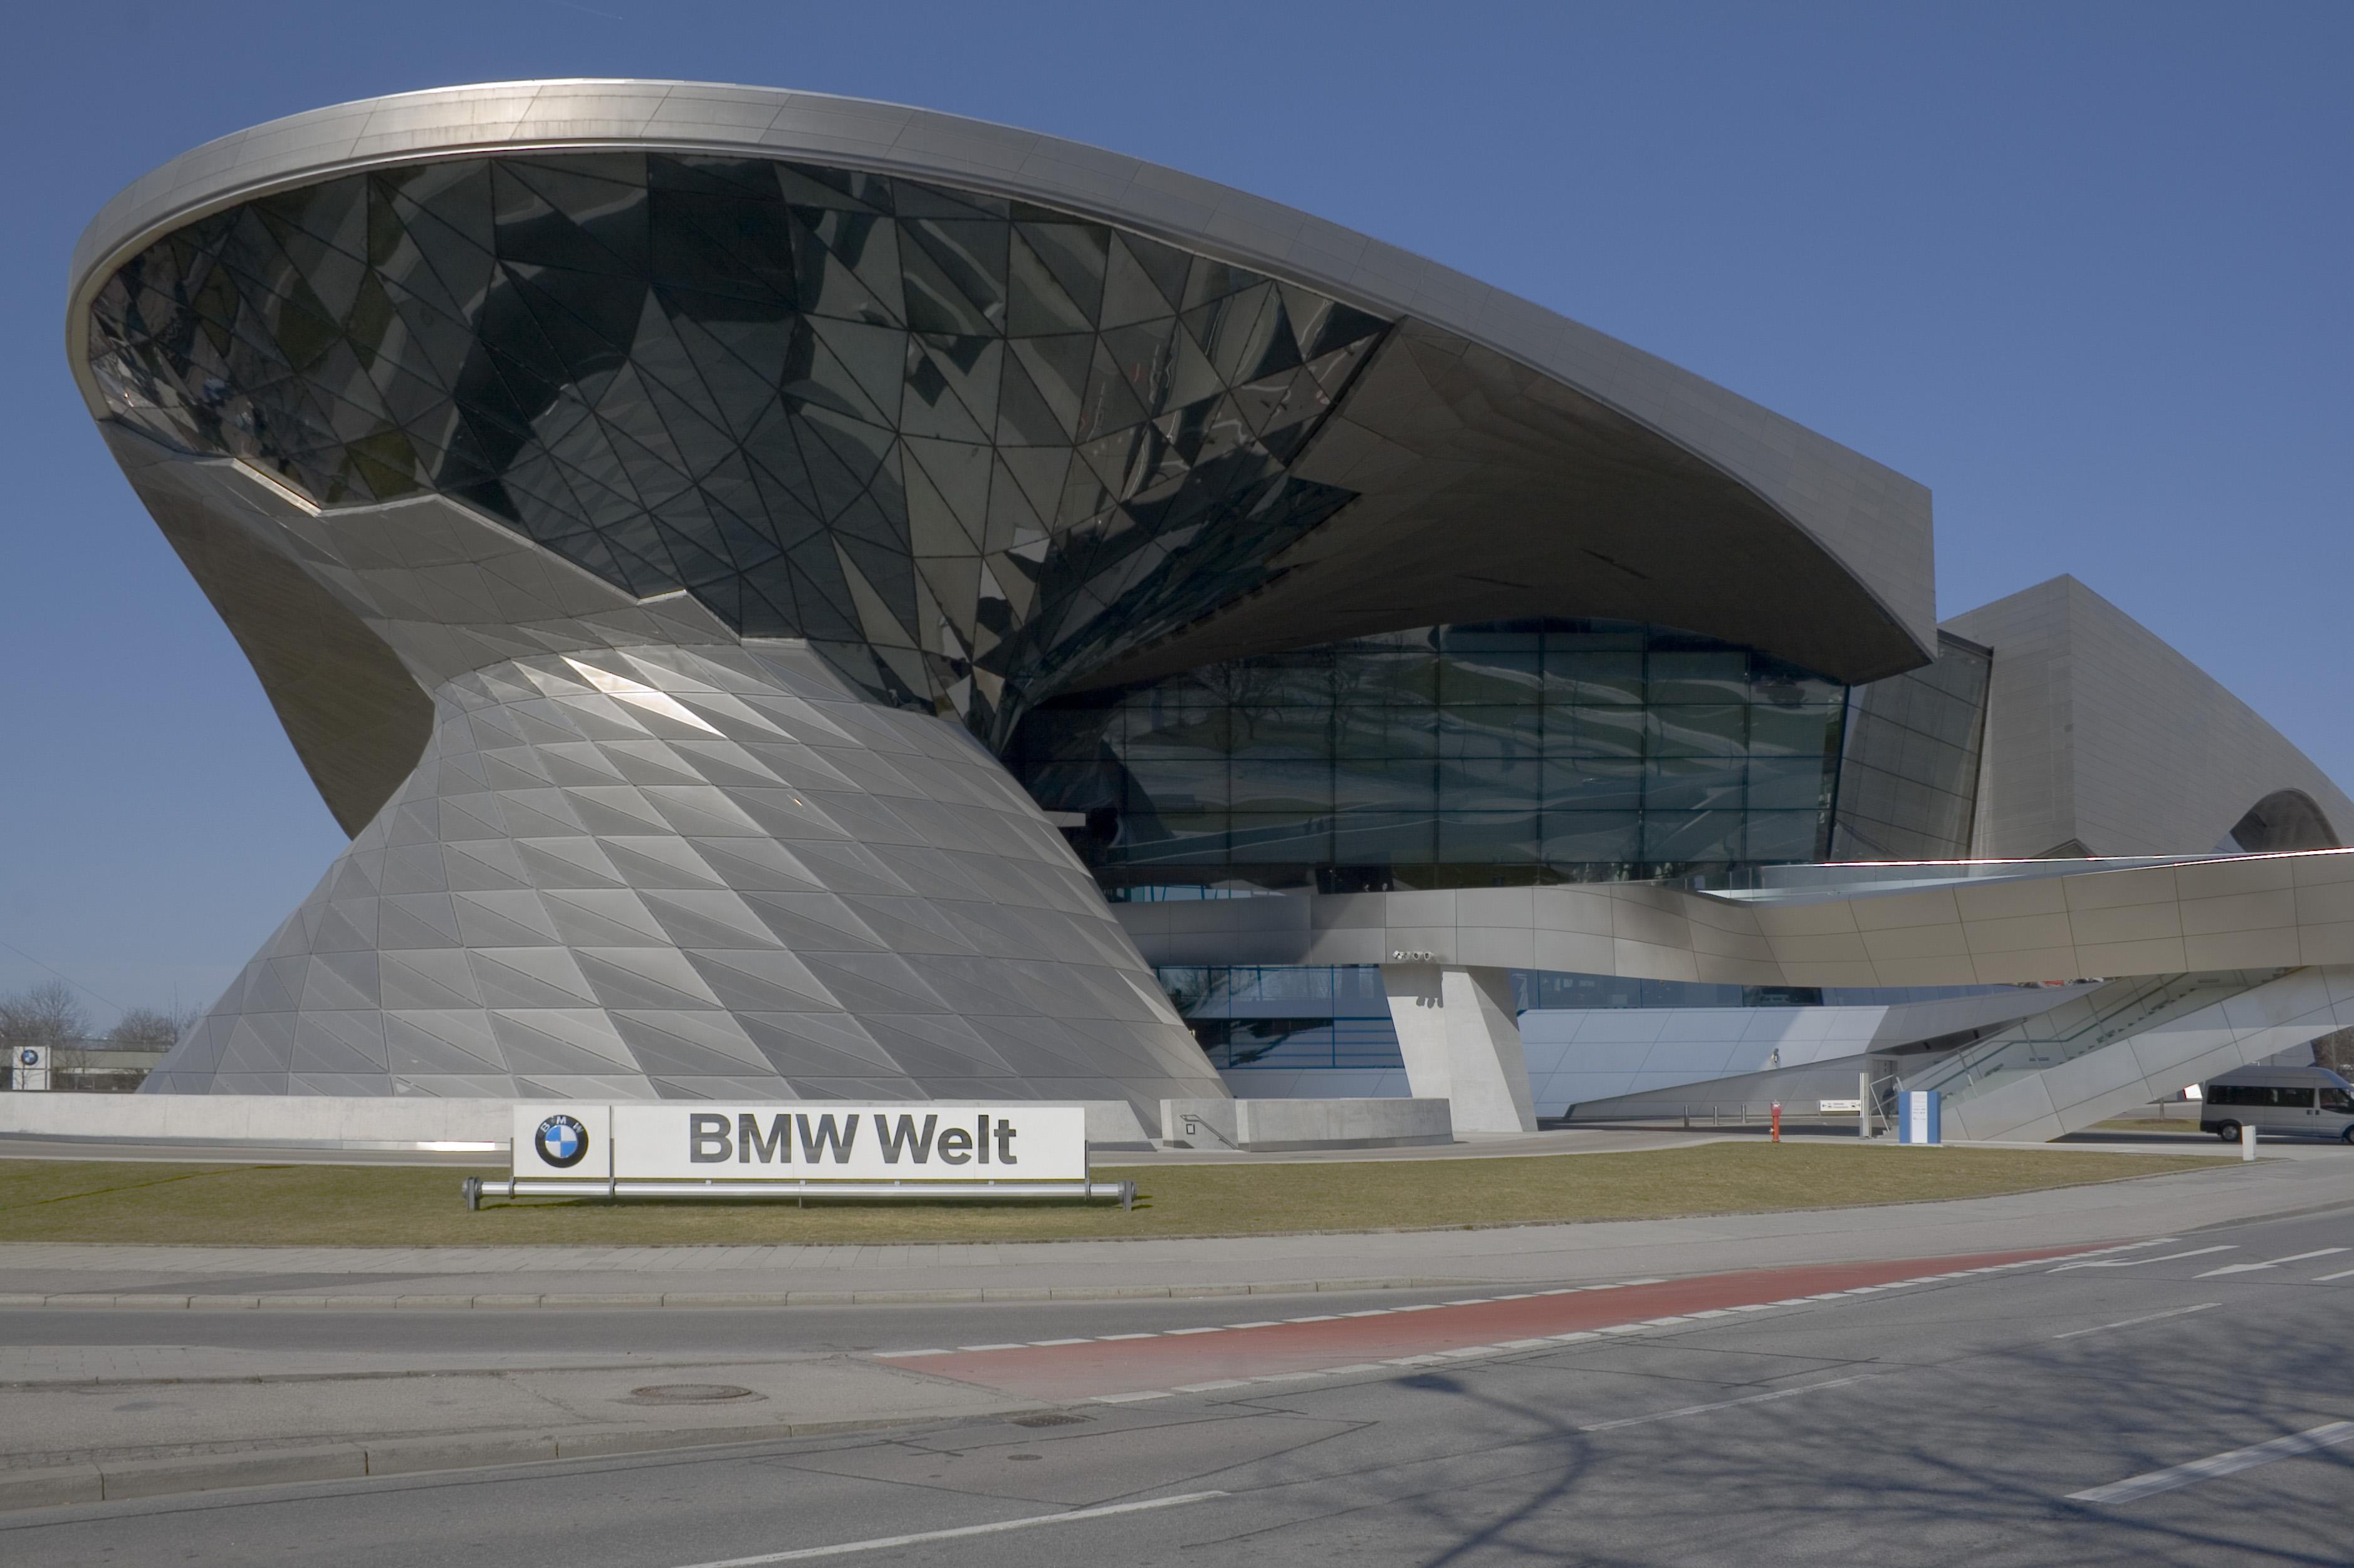 Bmw Welt Wikipedia Autos Post